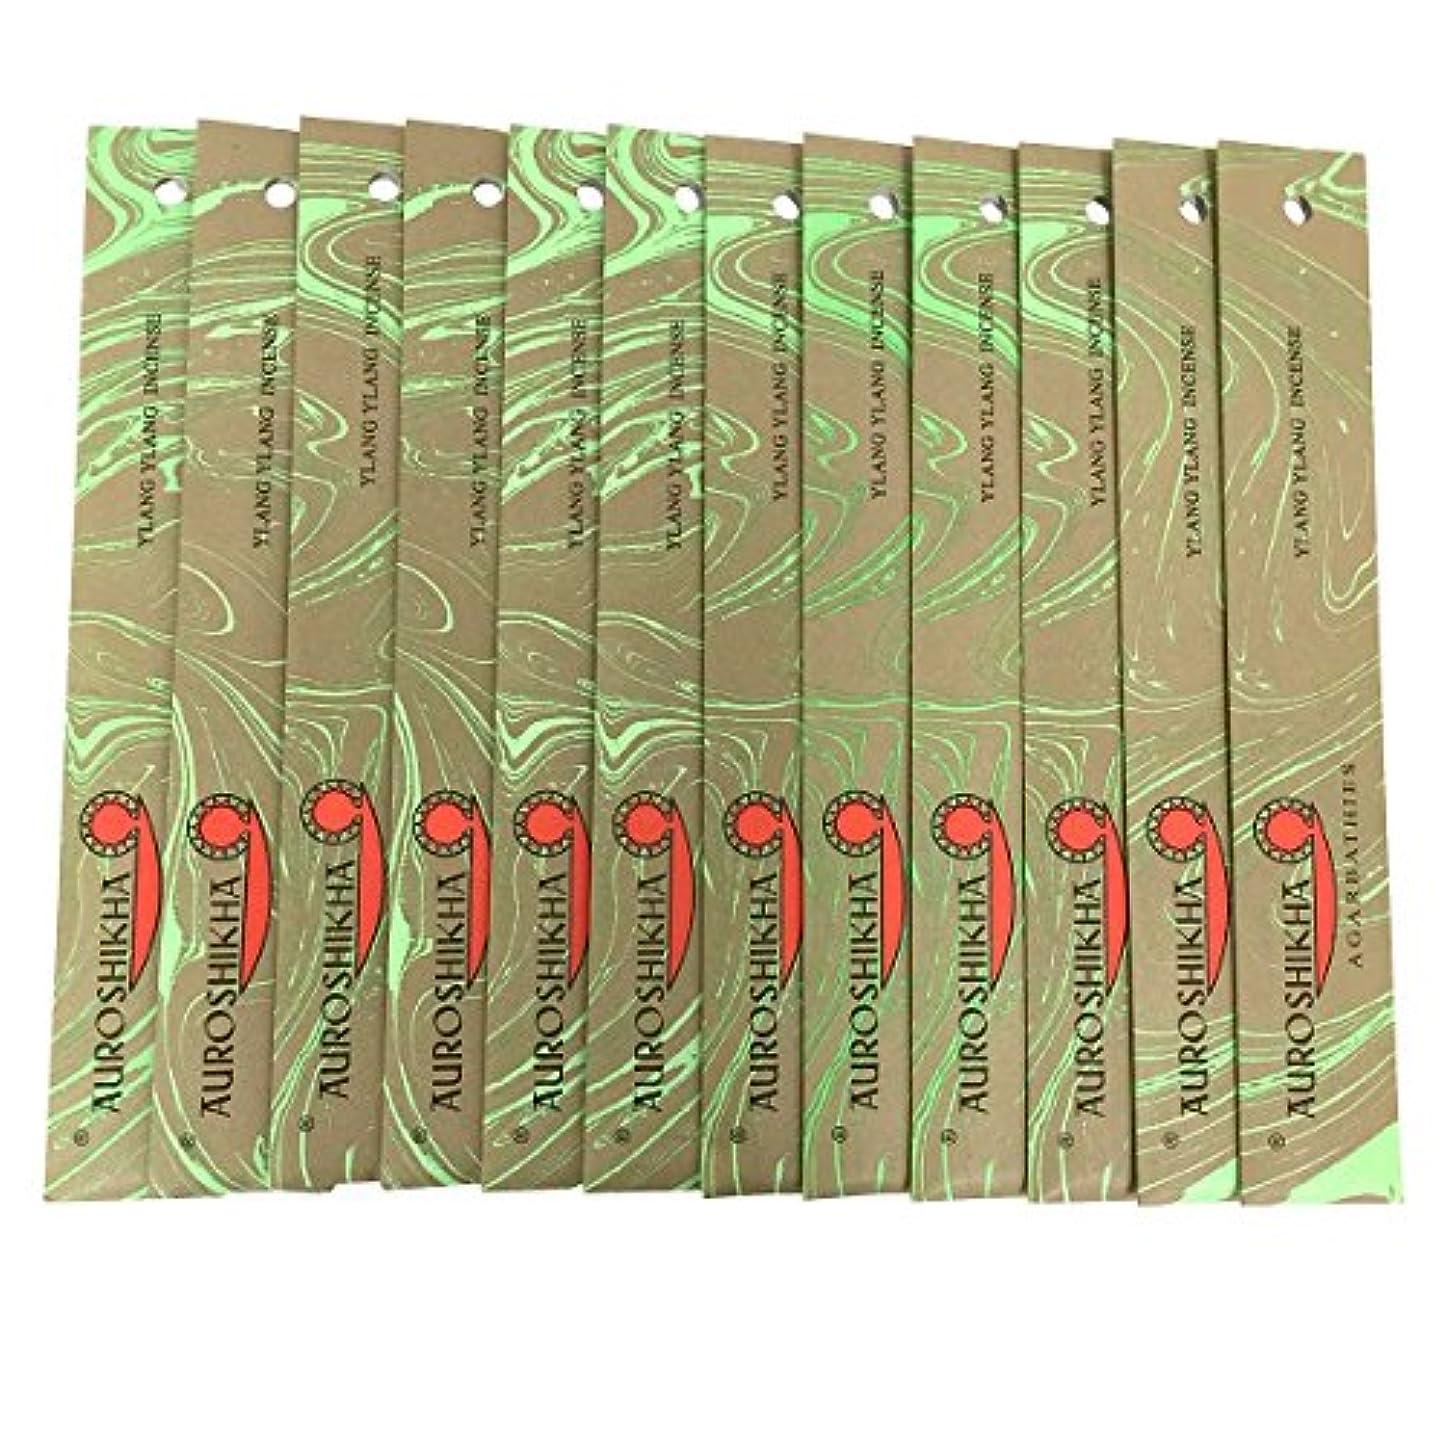 味付け汚い自発AUROSHIKHA オウロシカ(YLANG YLANGイランイラン12個セット) マーブルパッケージスティック 送料無料